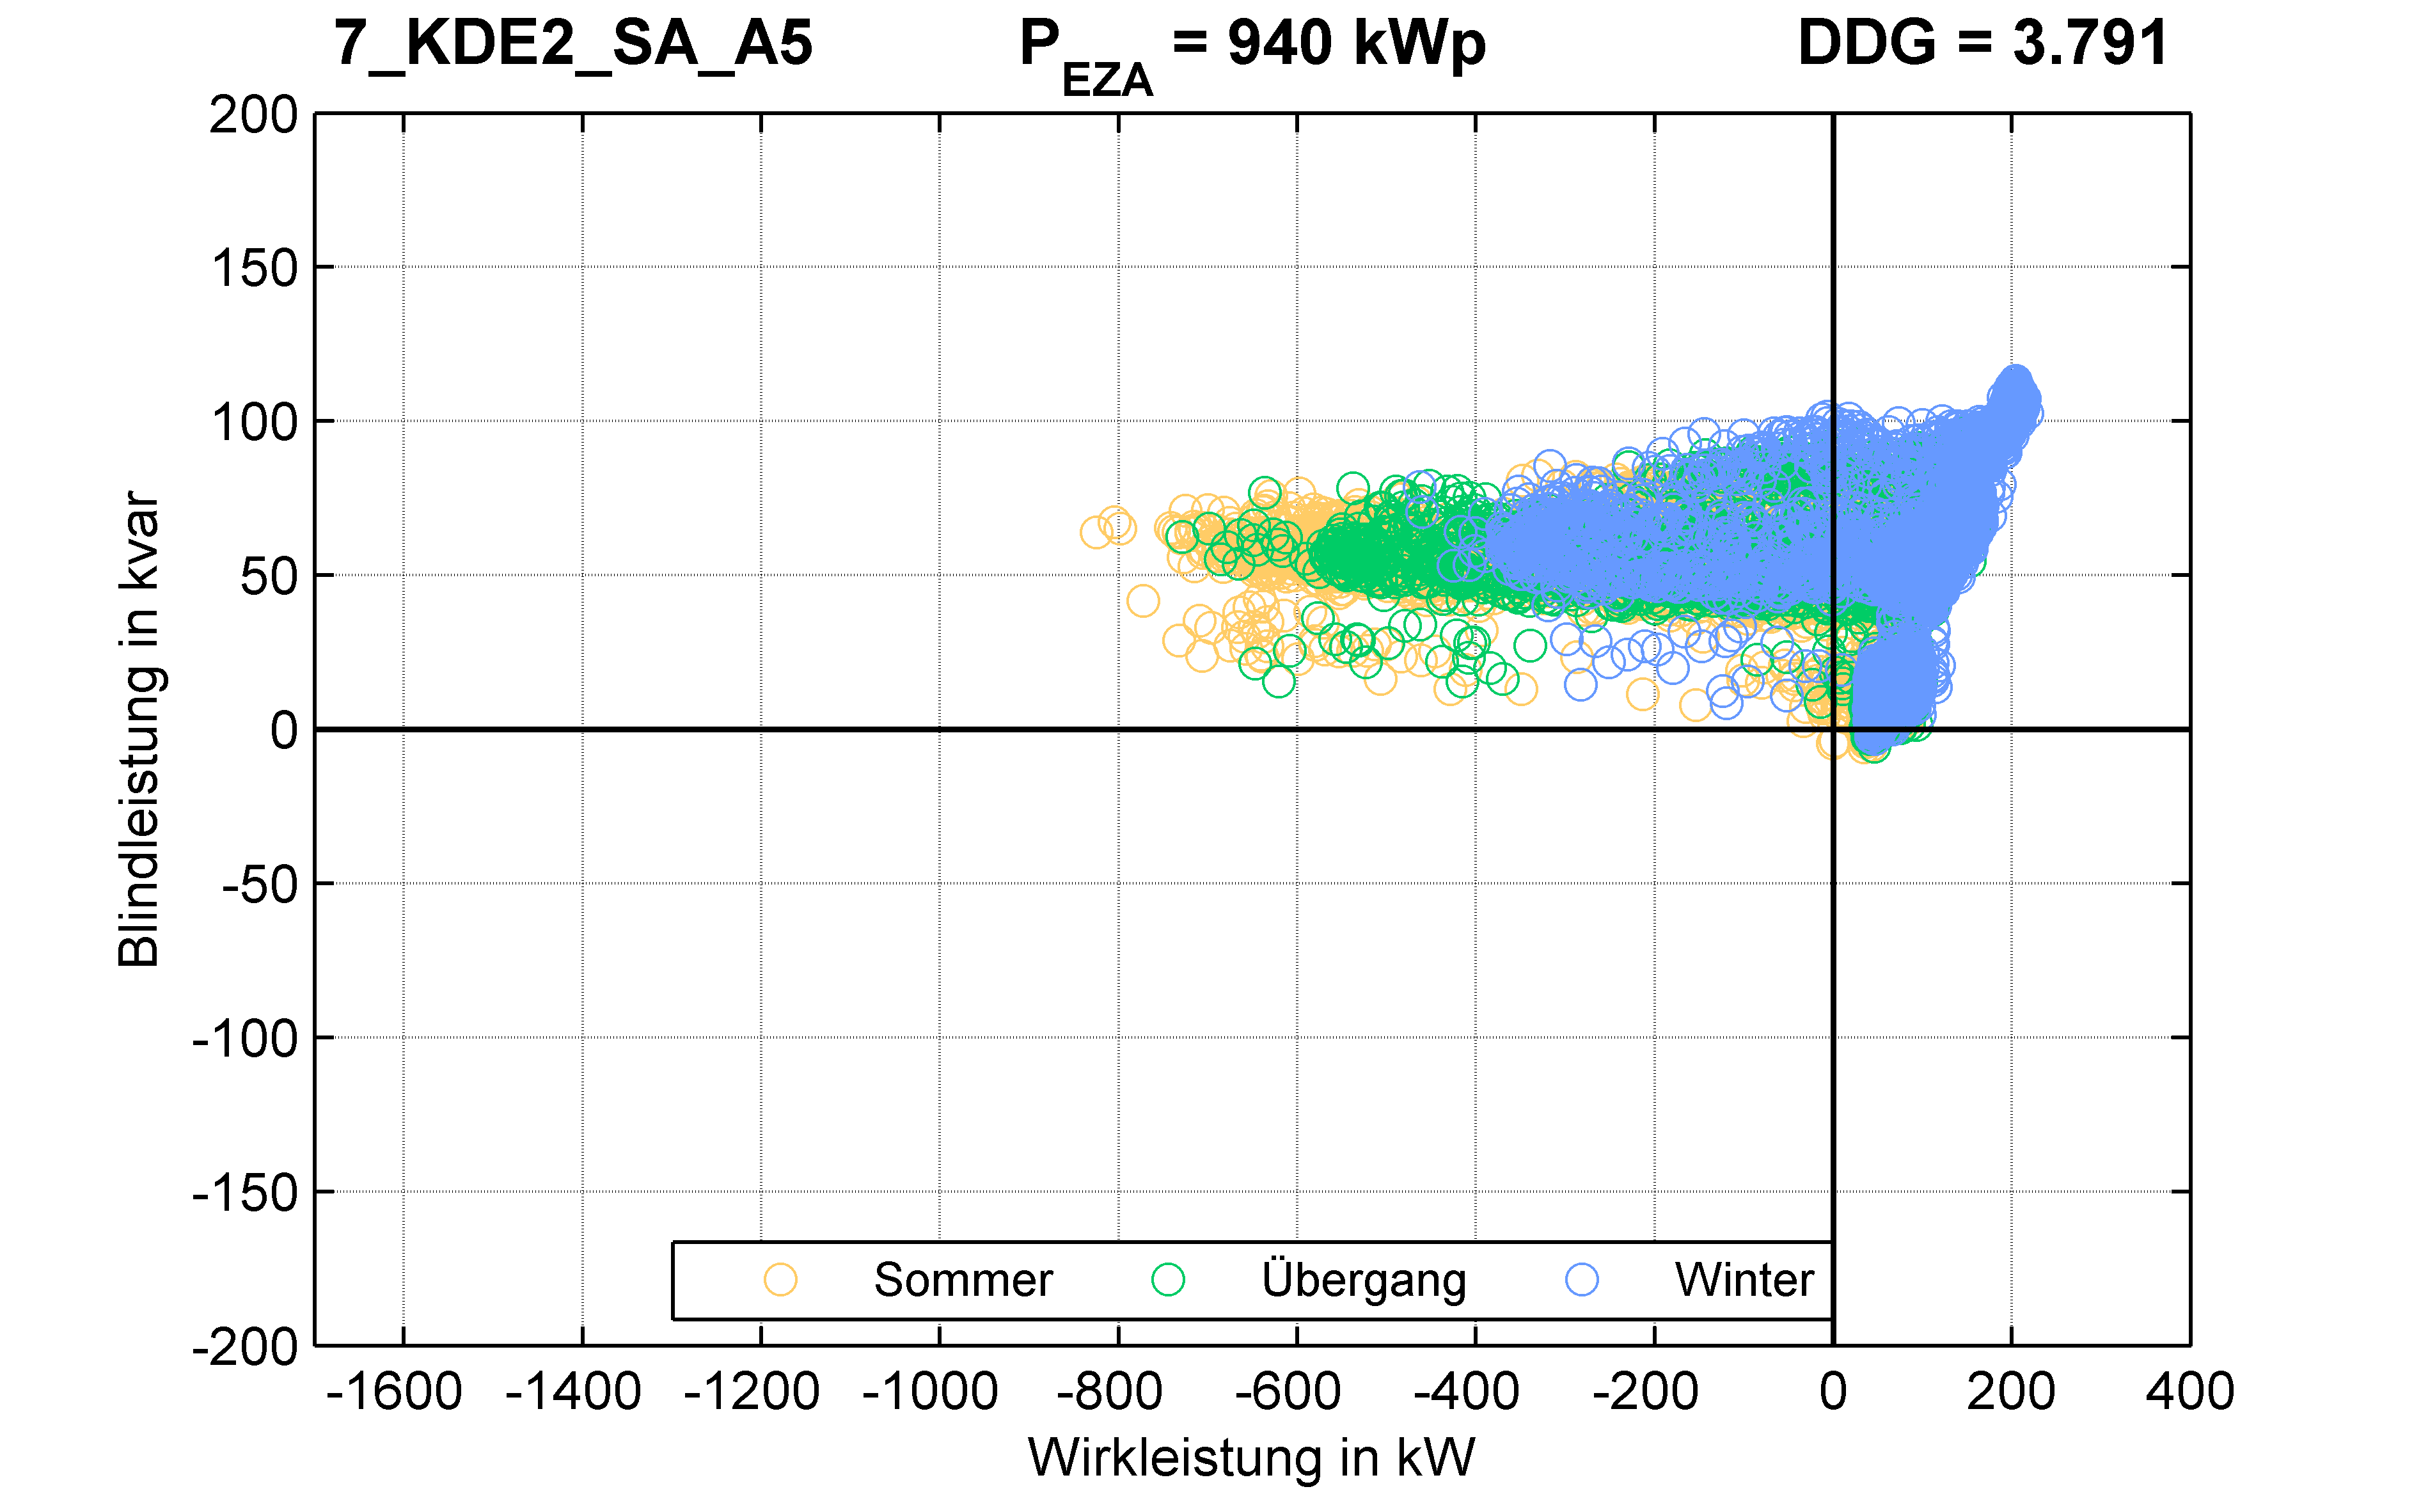 KDE2 | Längsregler (SA) A5 | PQ-Verhalten